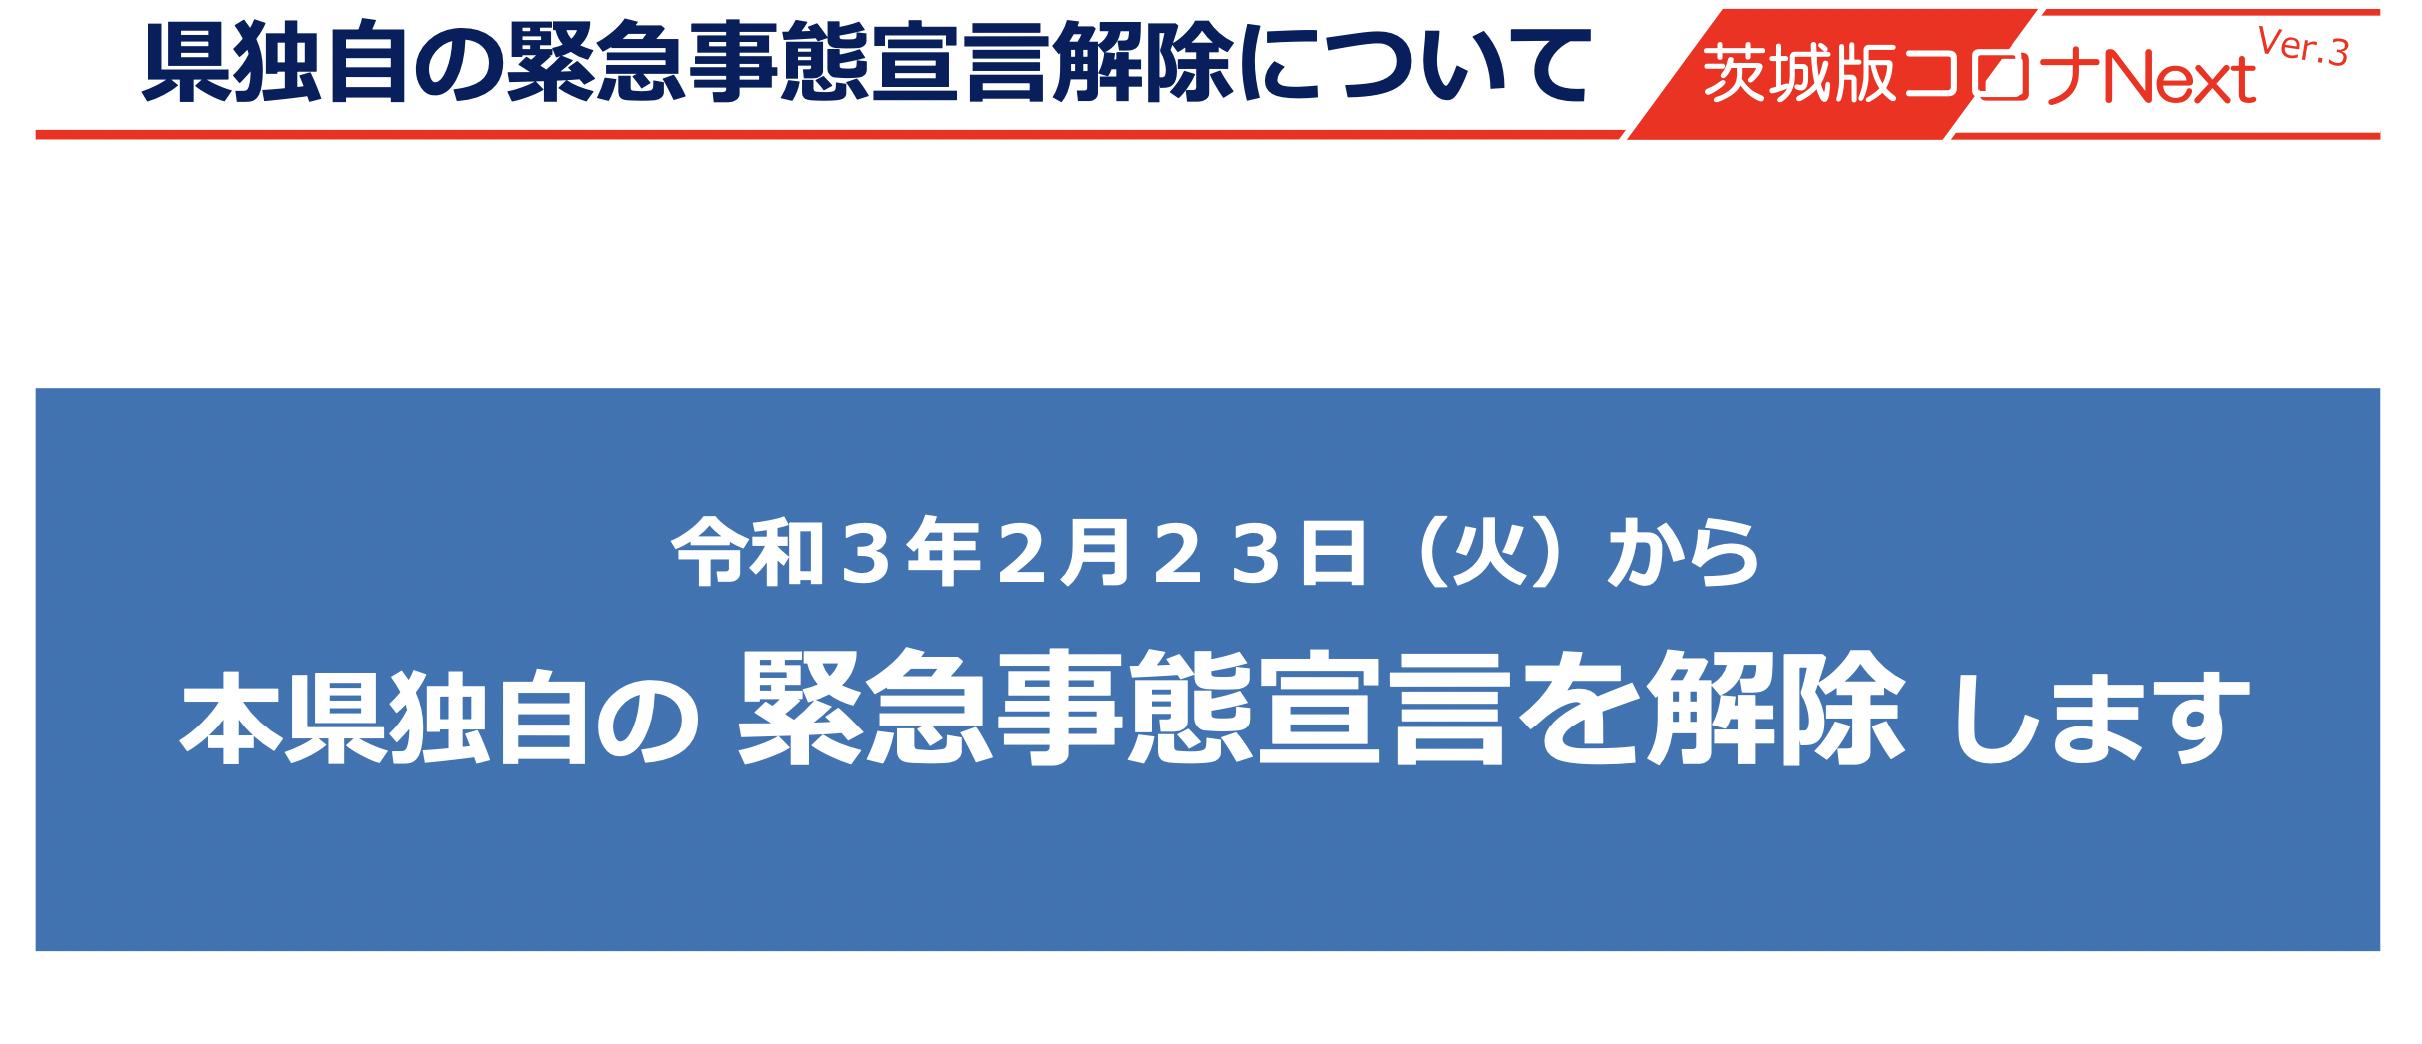 茨城県緊急事態解除